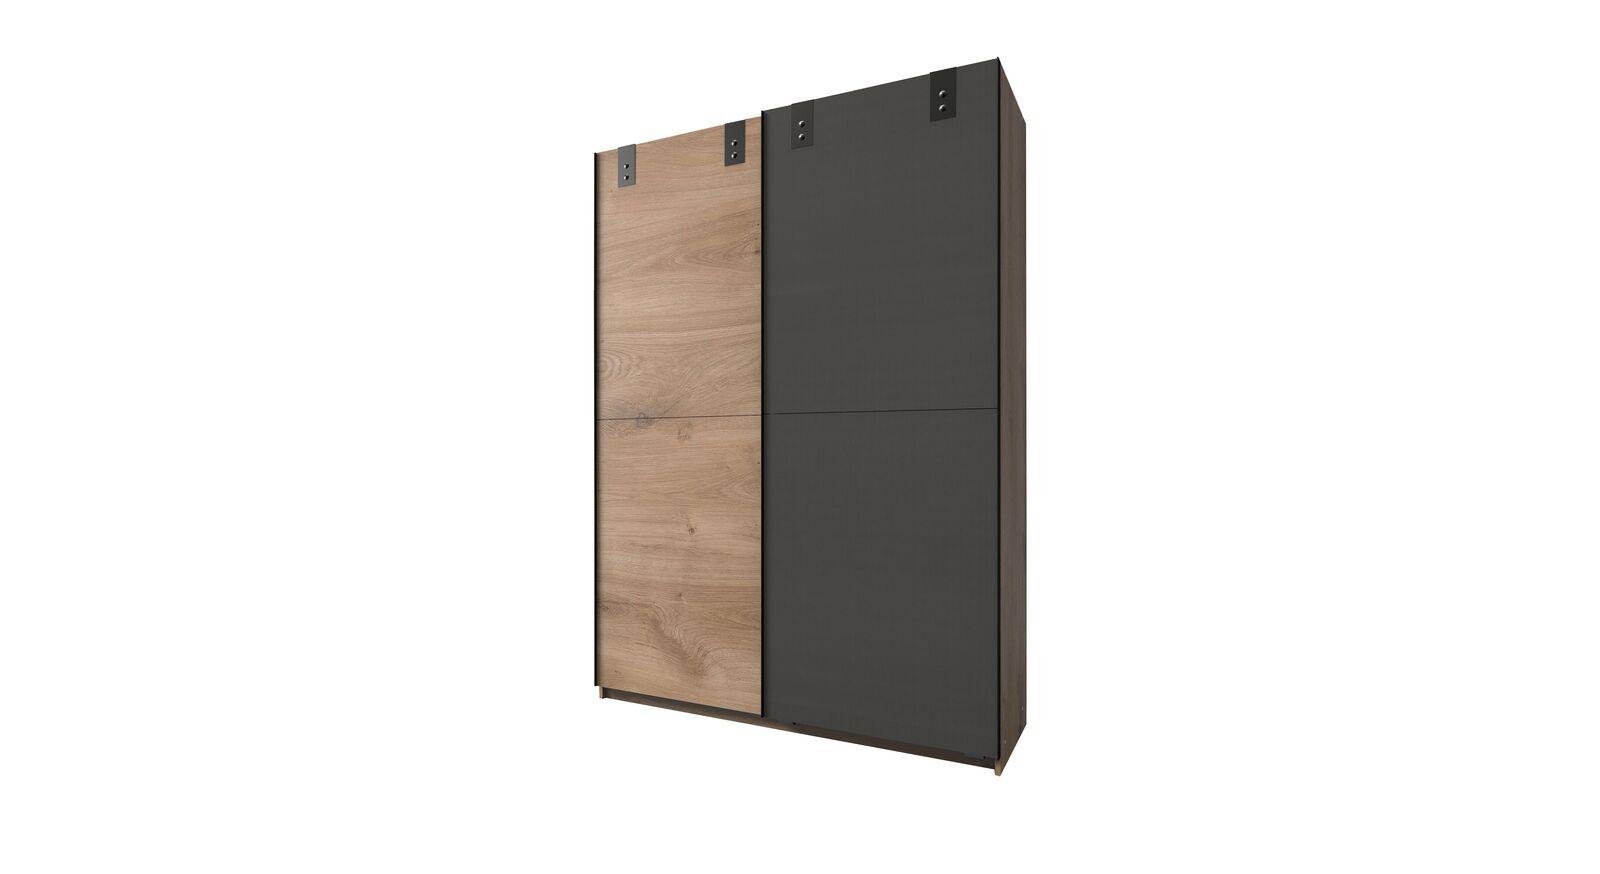 Schwebetüren-Kleiderschrank Nolans schmale Variante